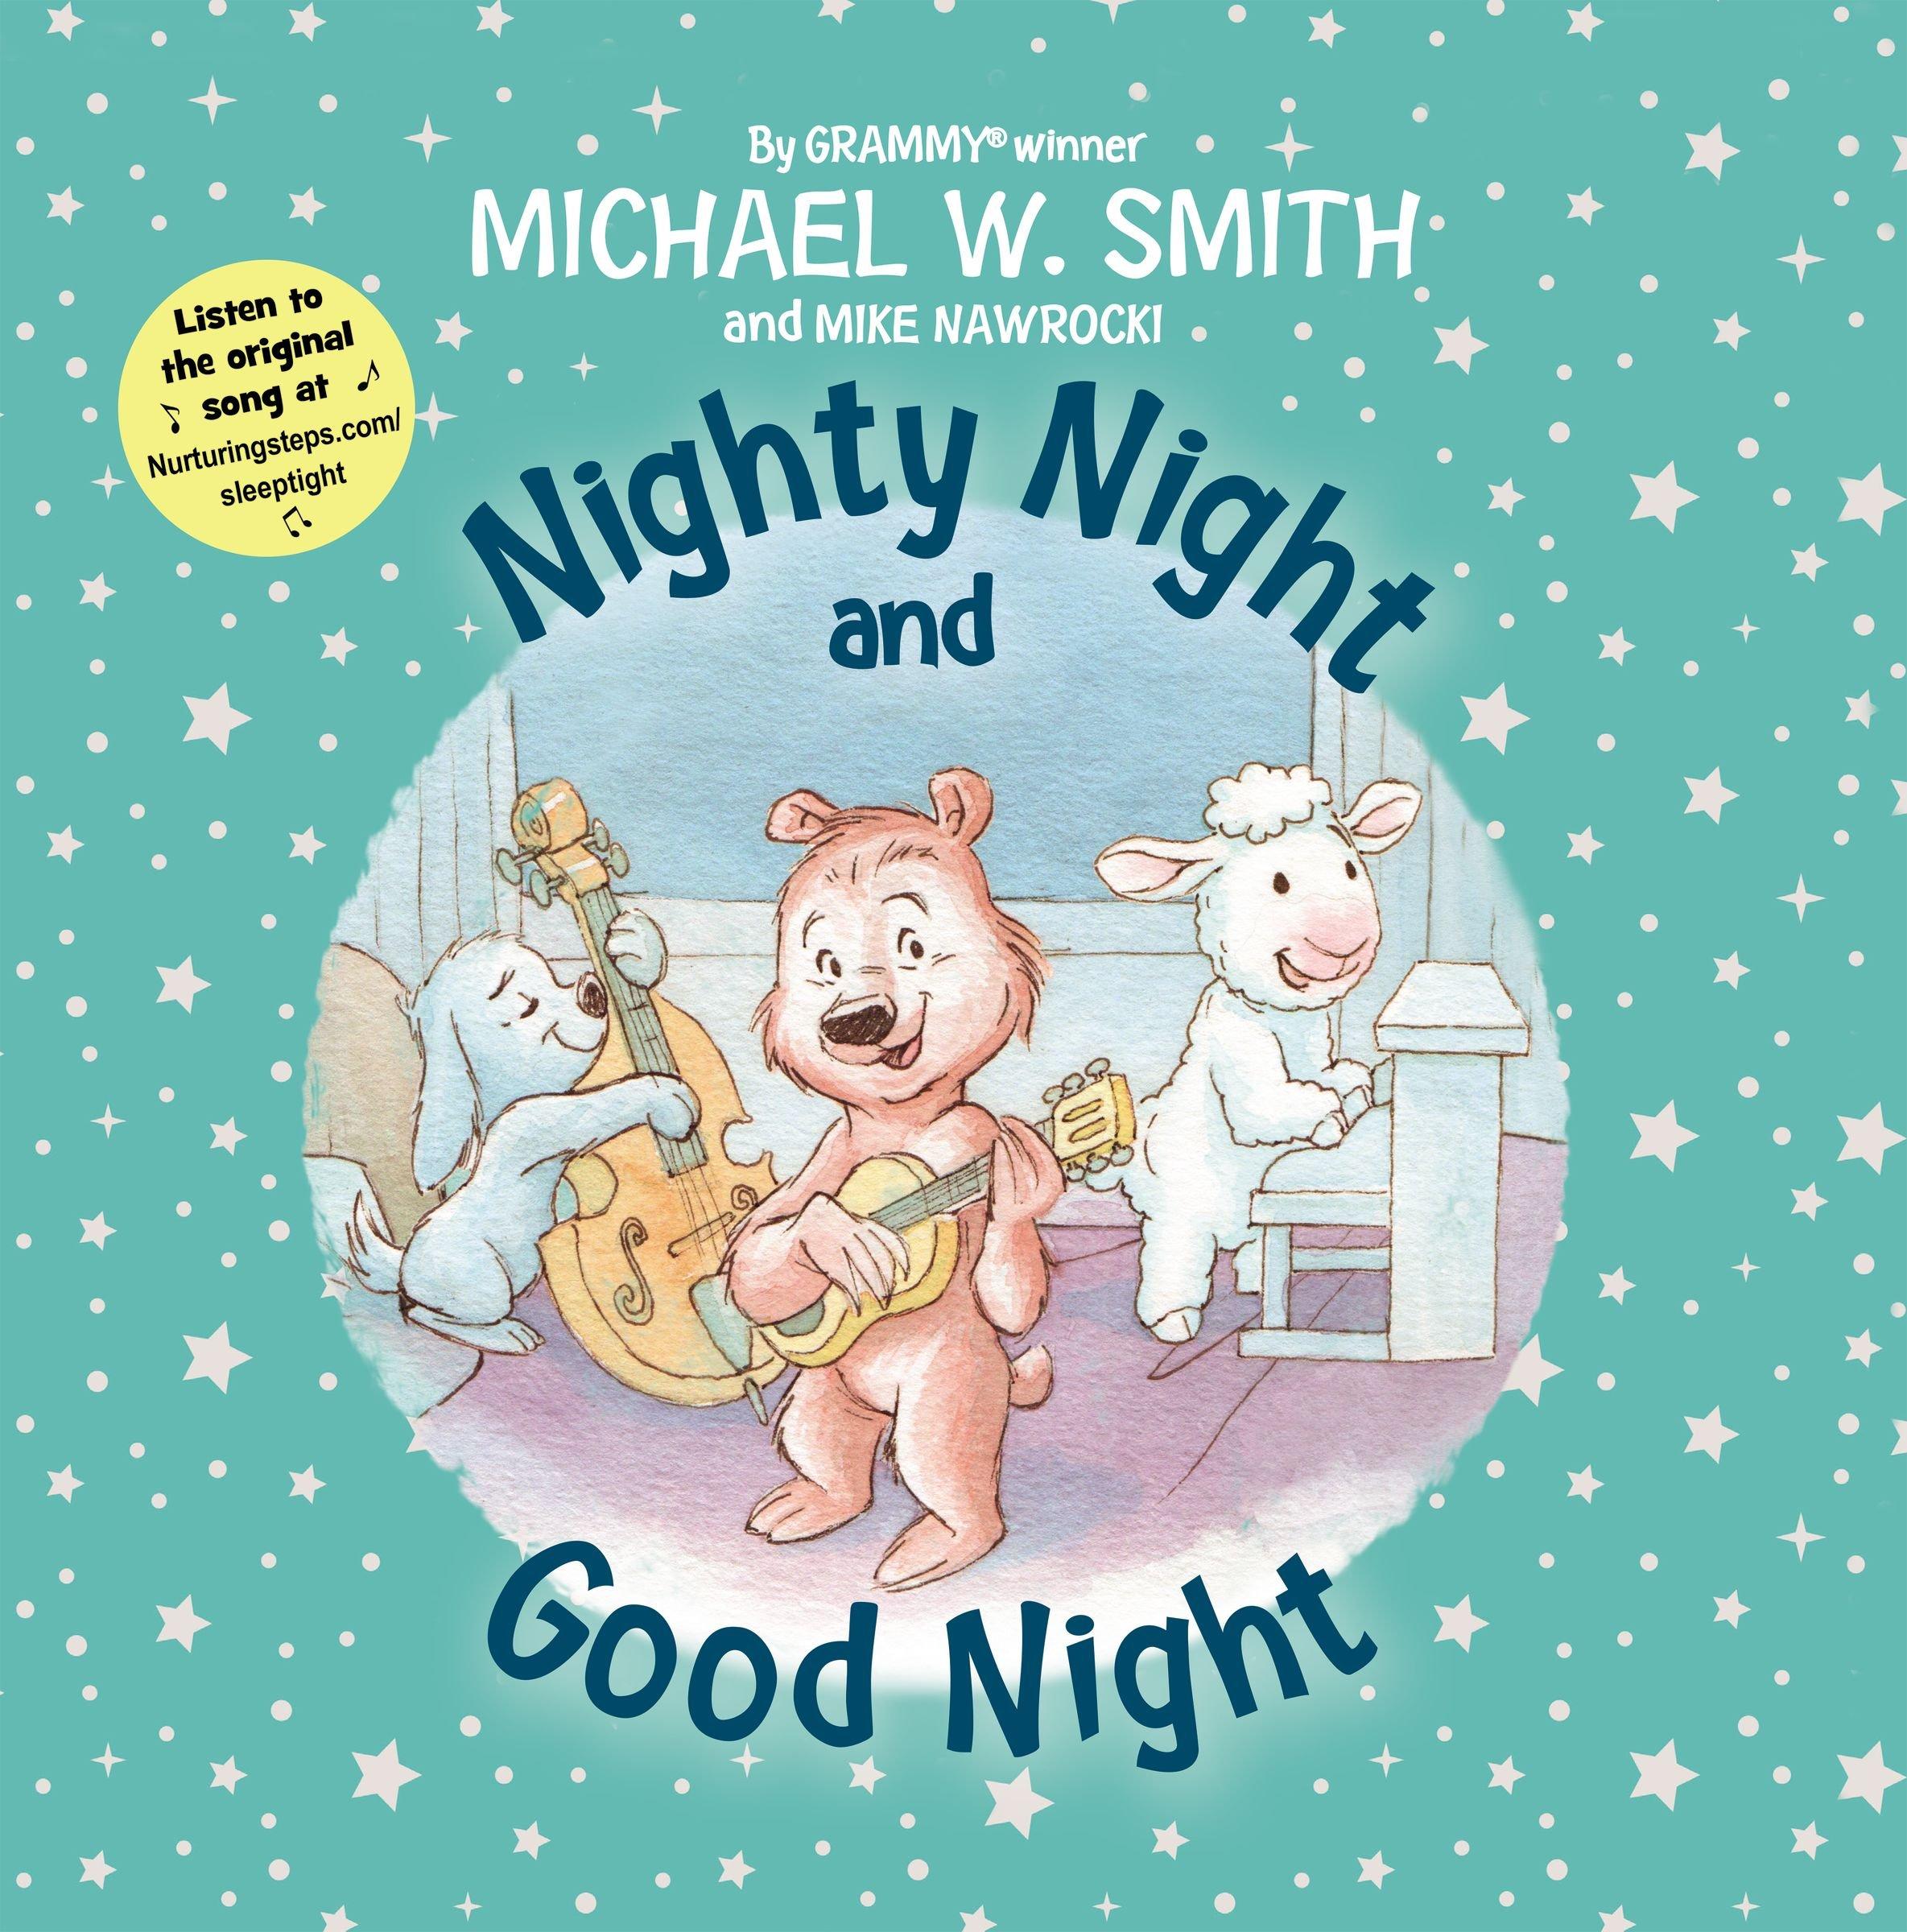 Michael W. Smith - Nurturing Steps Part 2